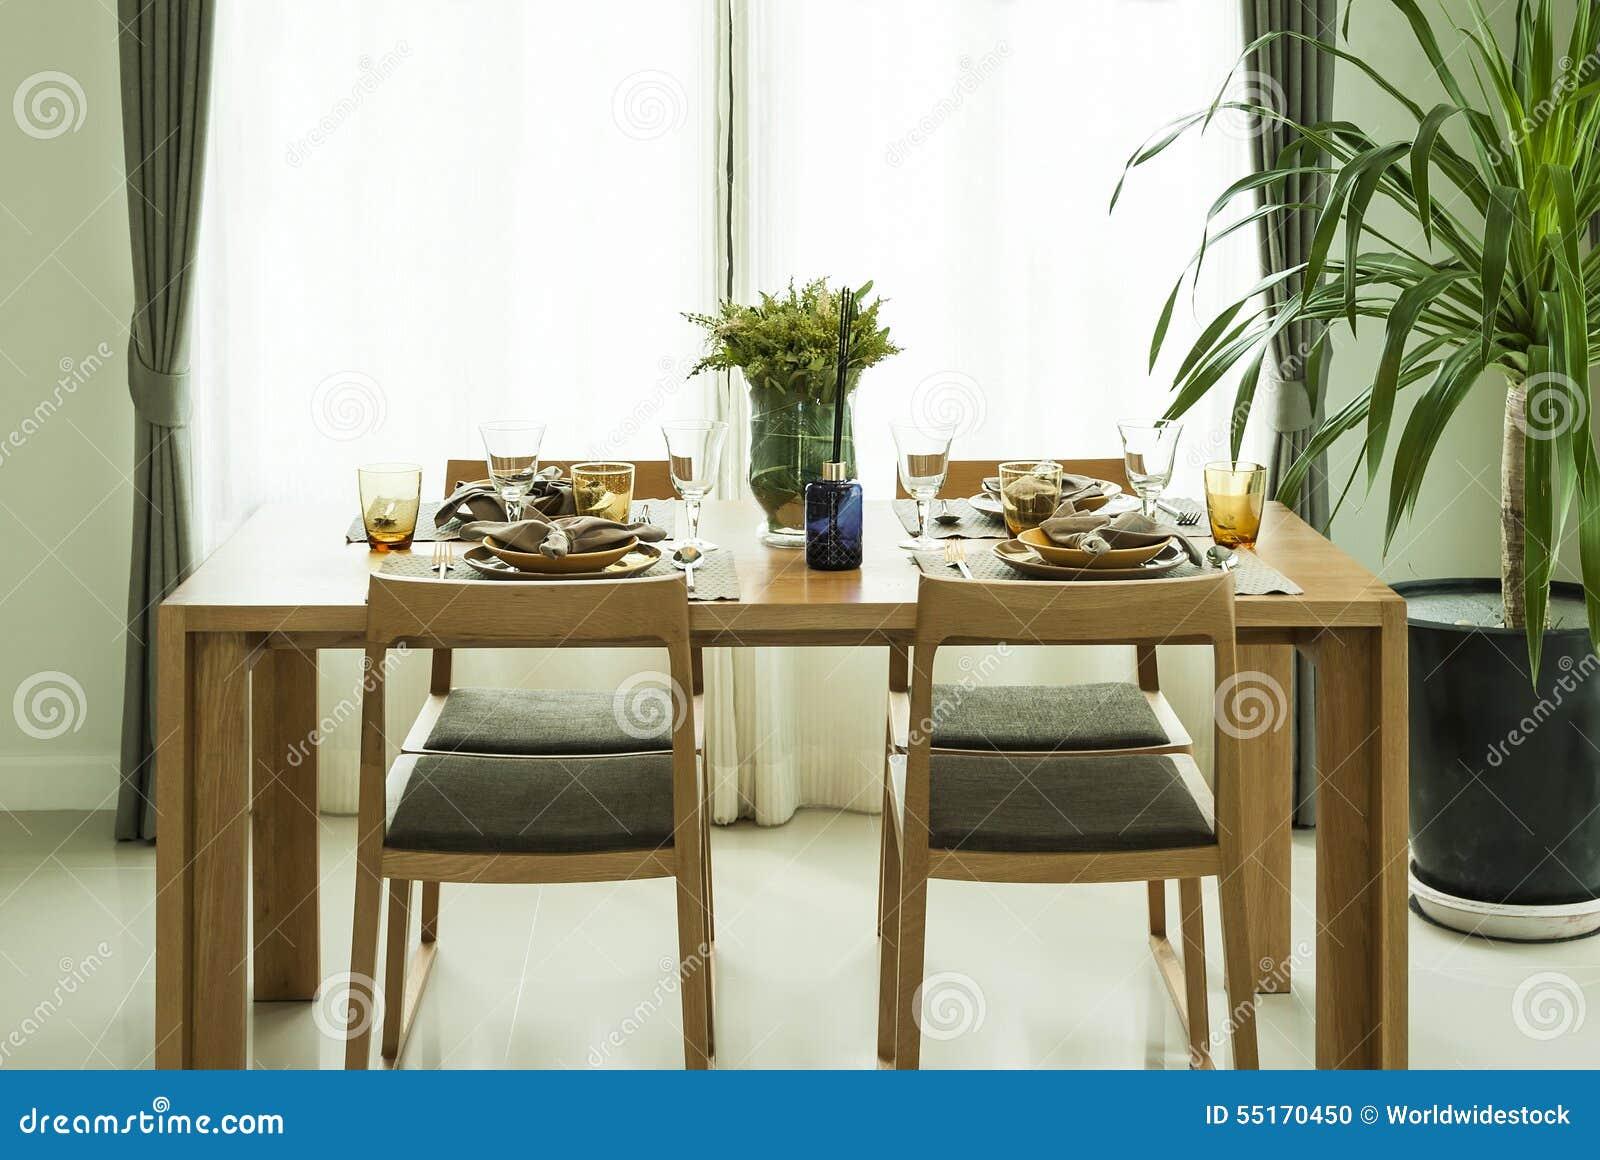 Tavolo da pranzo e sedie nella casa moderna con elegante for Tavolo da pranzo con sedie